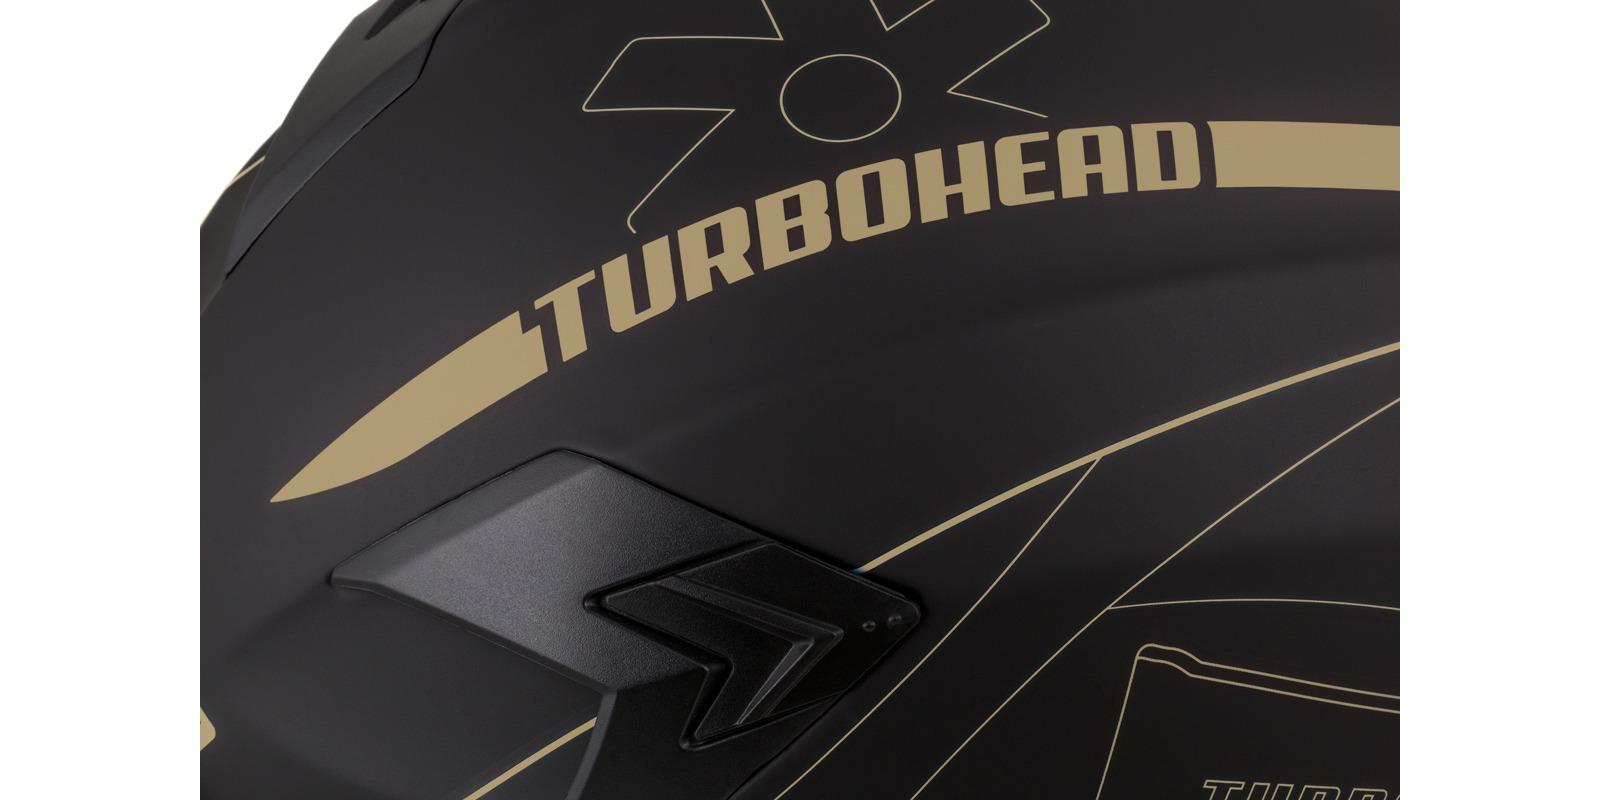 přilba Integral 3.0 Turbohead, CASSIDA (černá matná/zlatá, plexi s přípravou pro Pinlock)